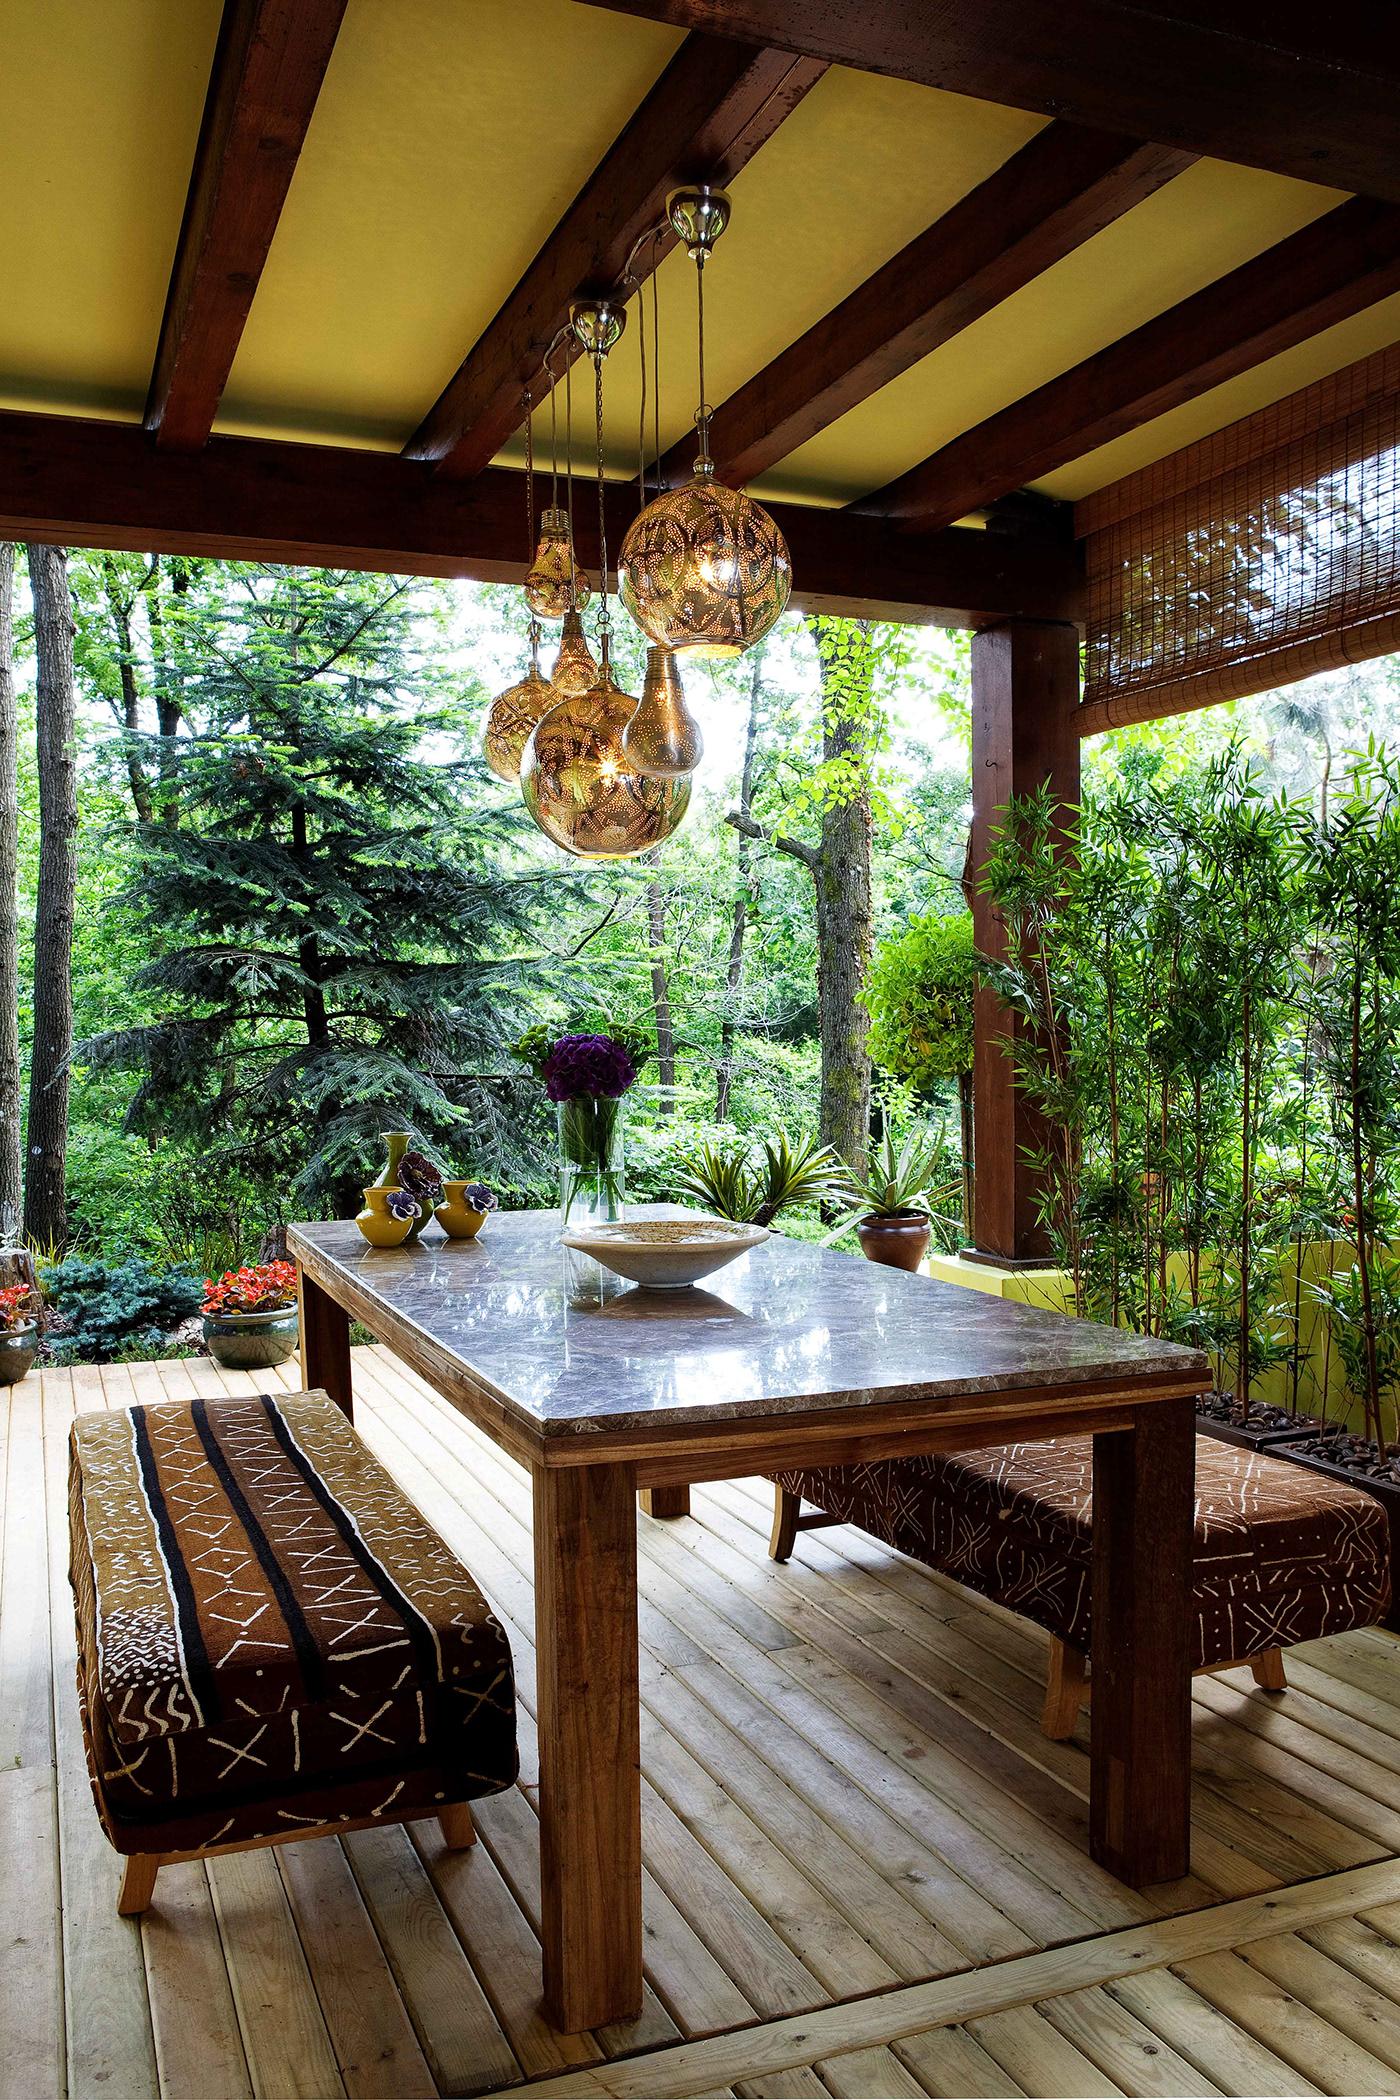 Arcitecture photography ayşe arman decoration dekorasyon elle decoration maison française mimari fotoğraf